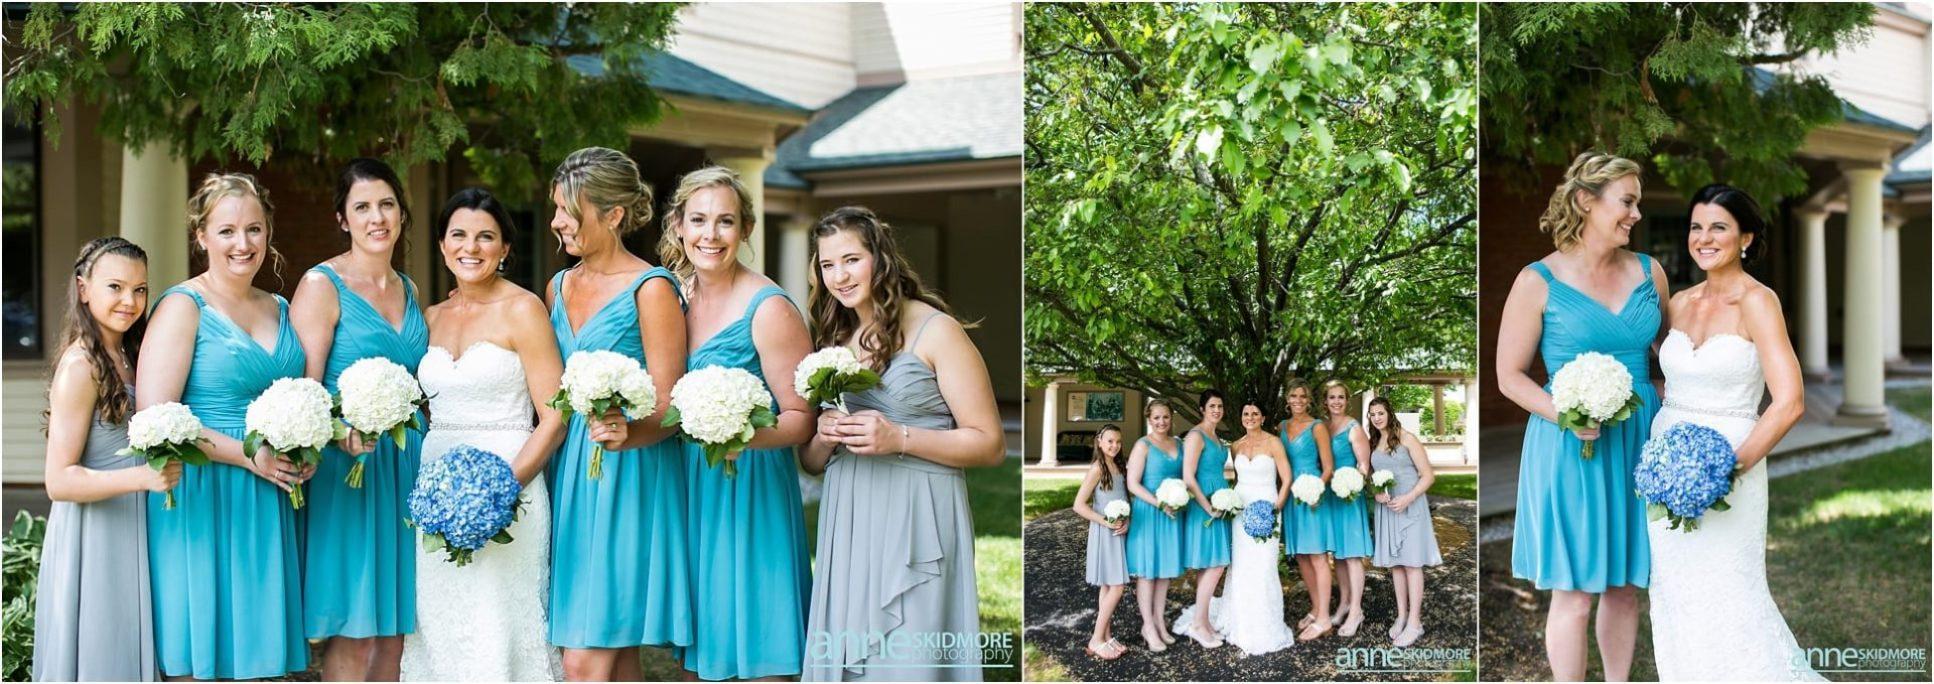 Wentworth_Inn_Wedding_0018